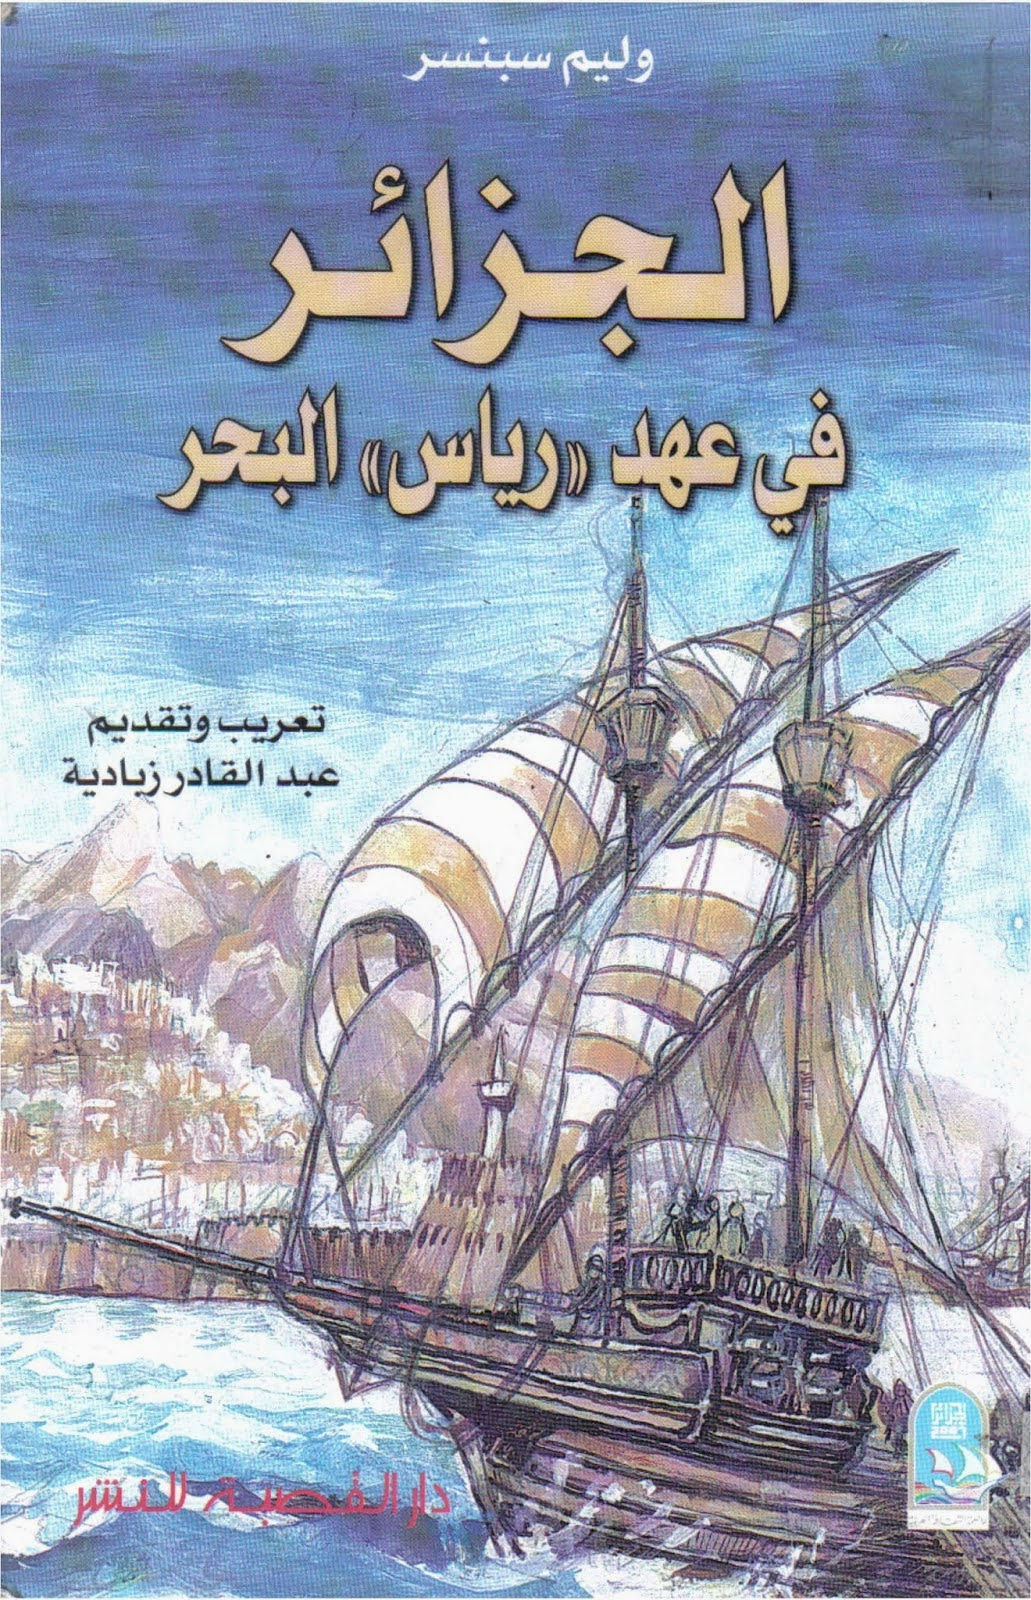 كتاب الجزائر في عهد رياس البحر لـ وليام سبنسر